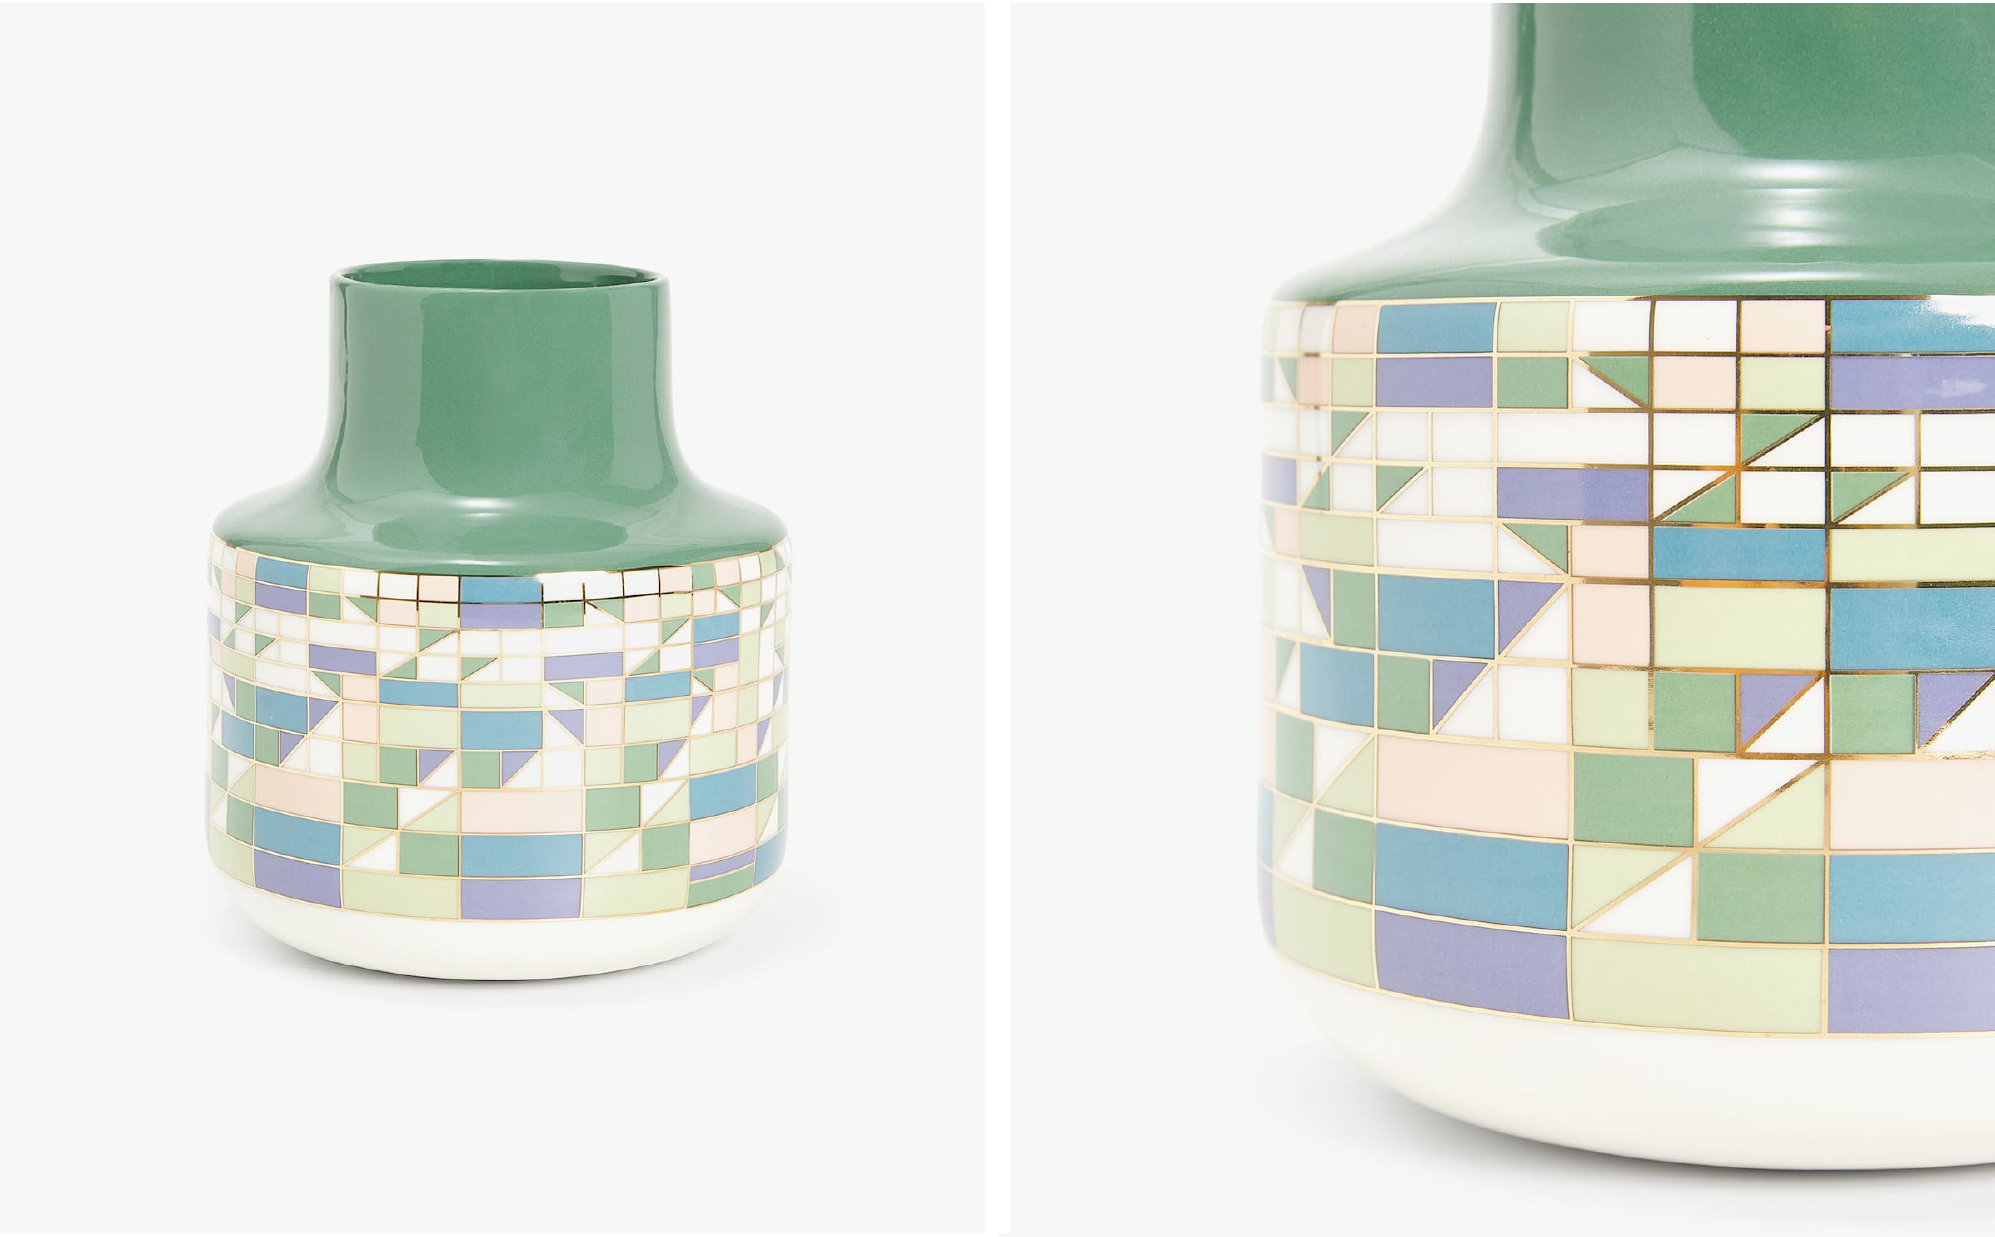 Graphic Print Ceramic Vase  - Official picture